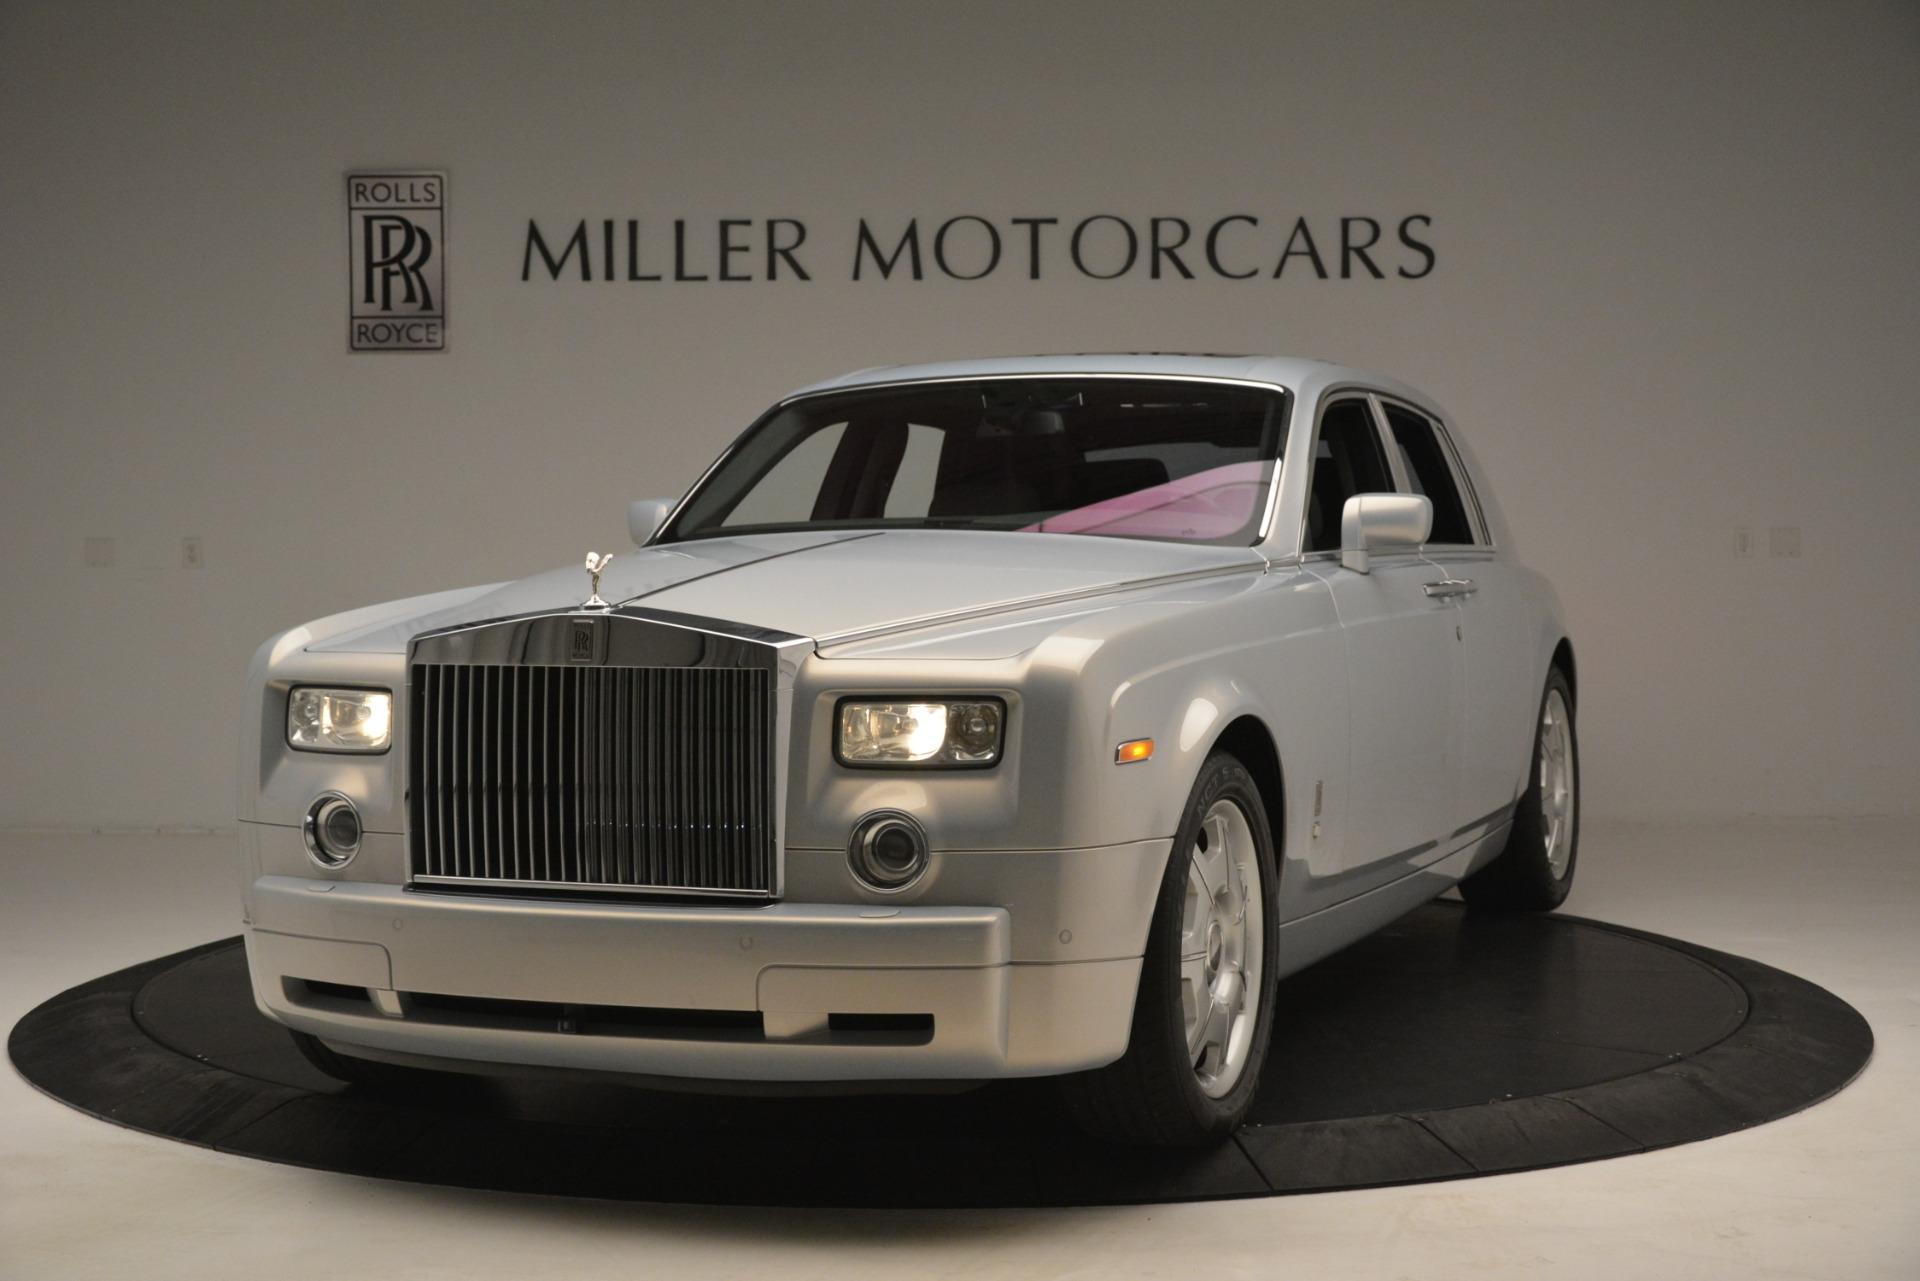 Used 2007 Rolls-Royce Phantom for sale Sold at Maserati of Westport in Westport CT 06880 1